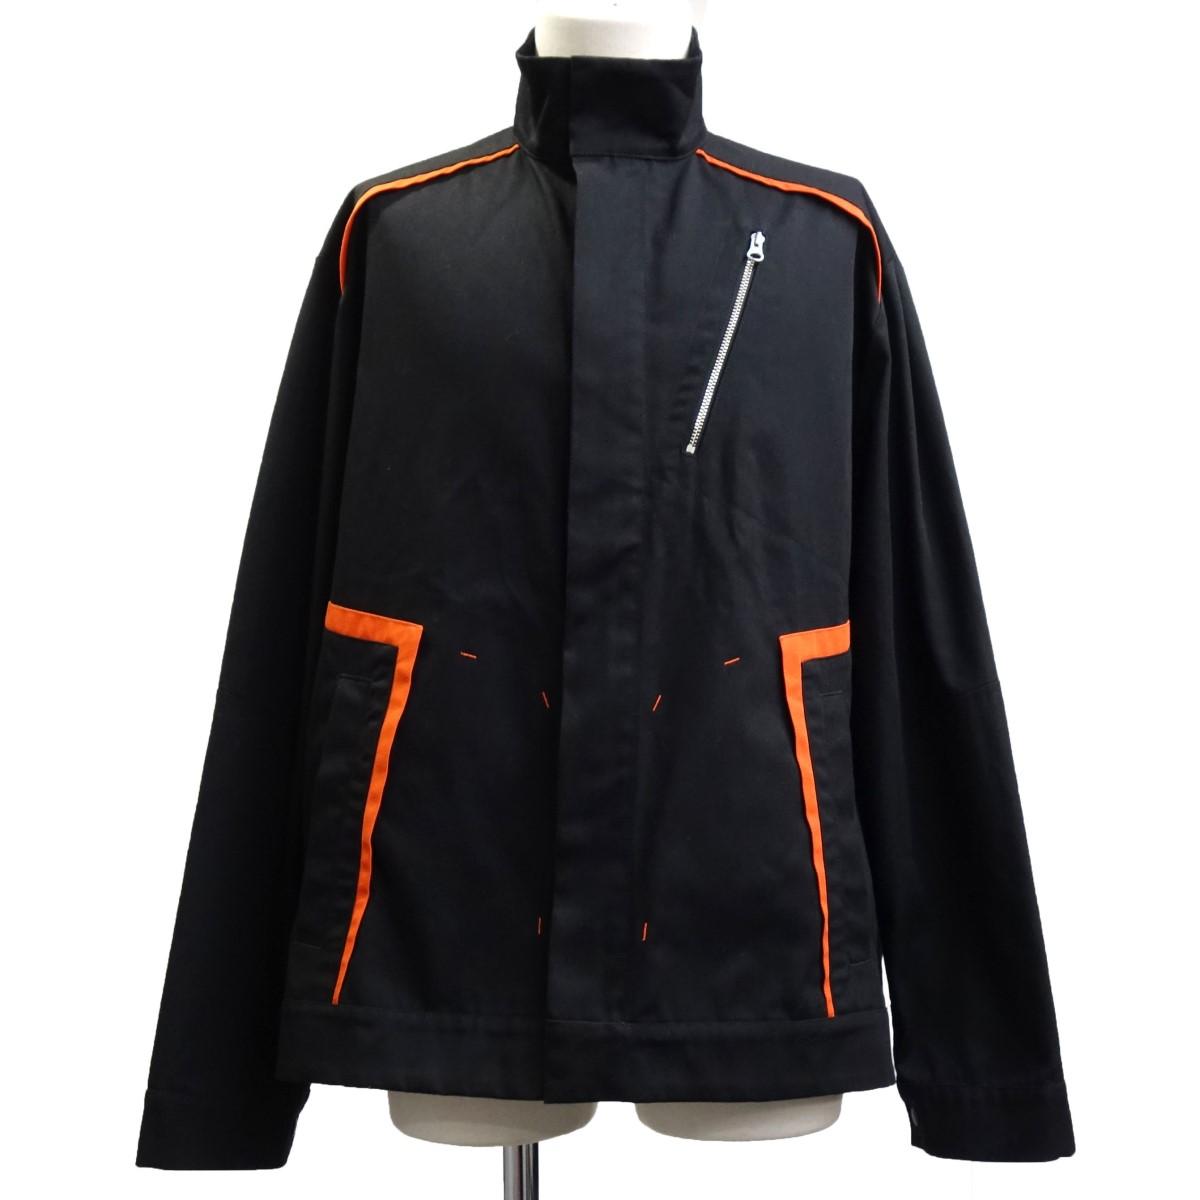 【中古】AFFIX 19SS 「WORKS Public Service」 ワークジャケット ブラック サイズ:S 【260820】(アフィックス)